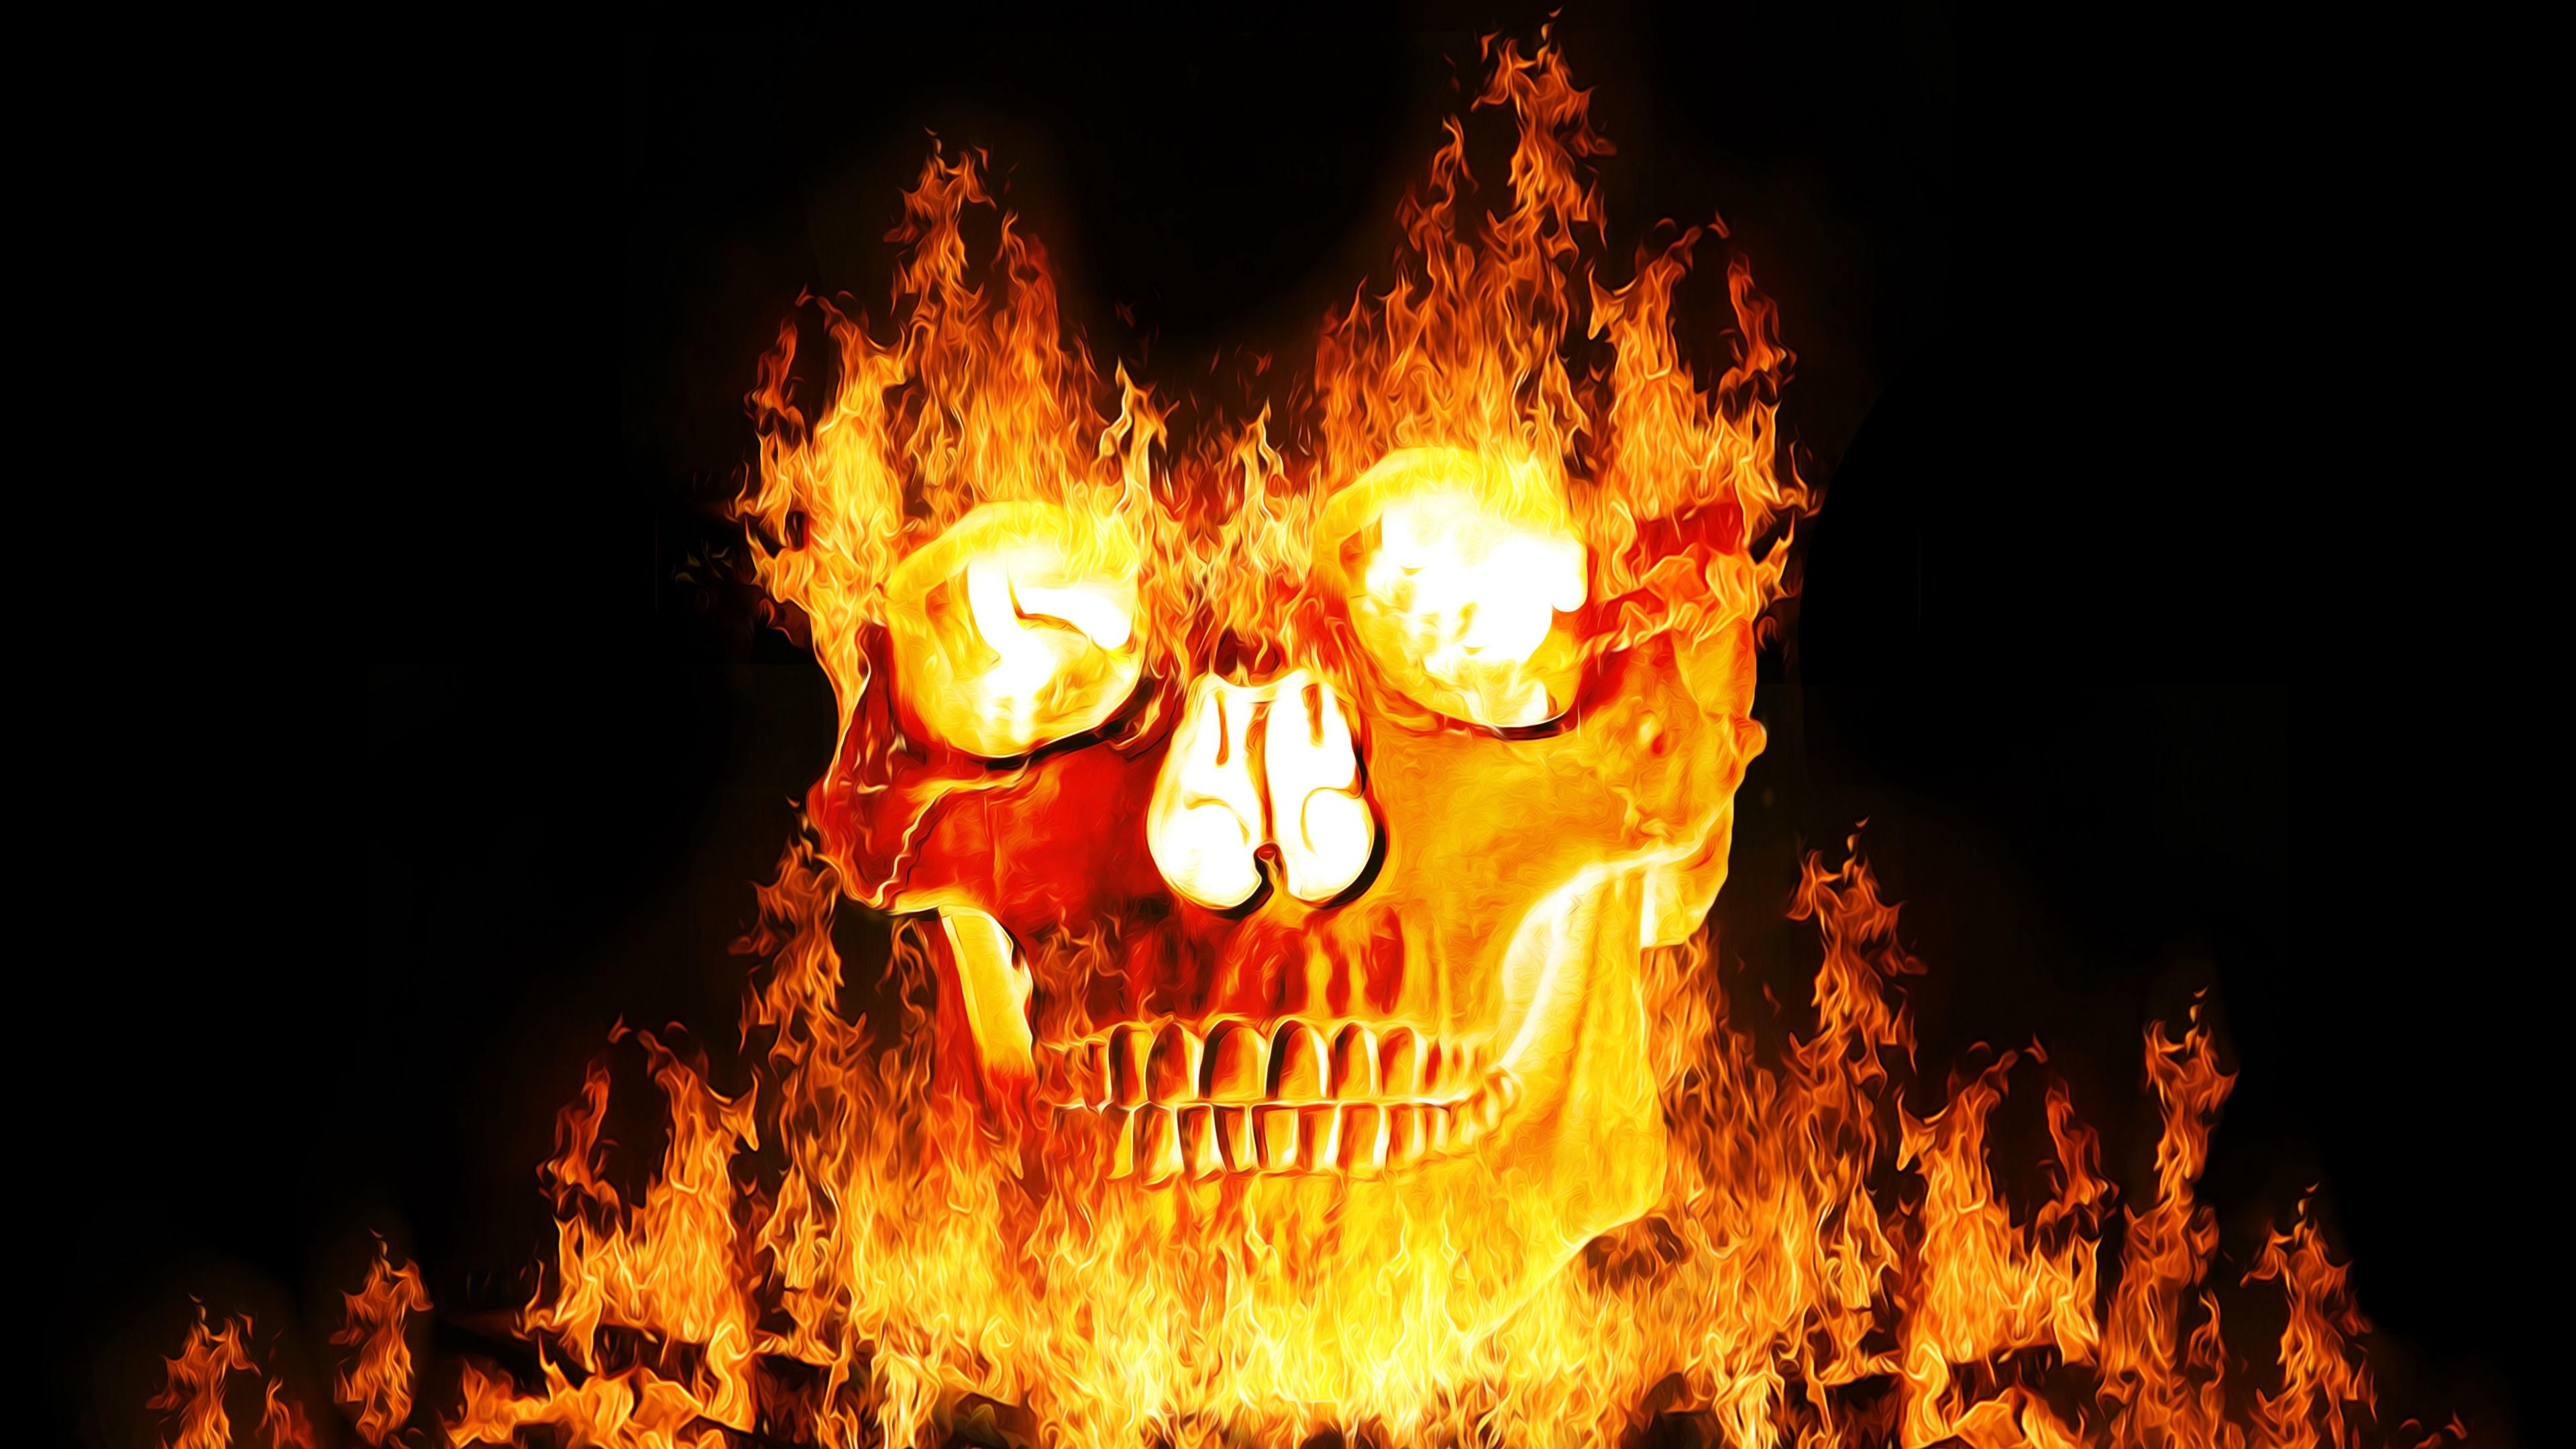 Wallpaper 4k Skull Fire Flame Dark 4k Fire Flame Skull